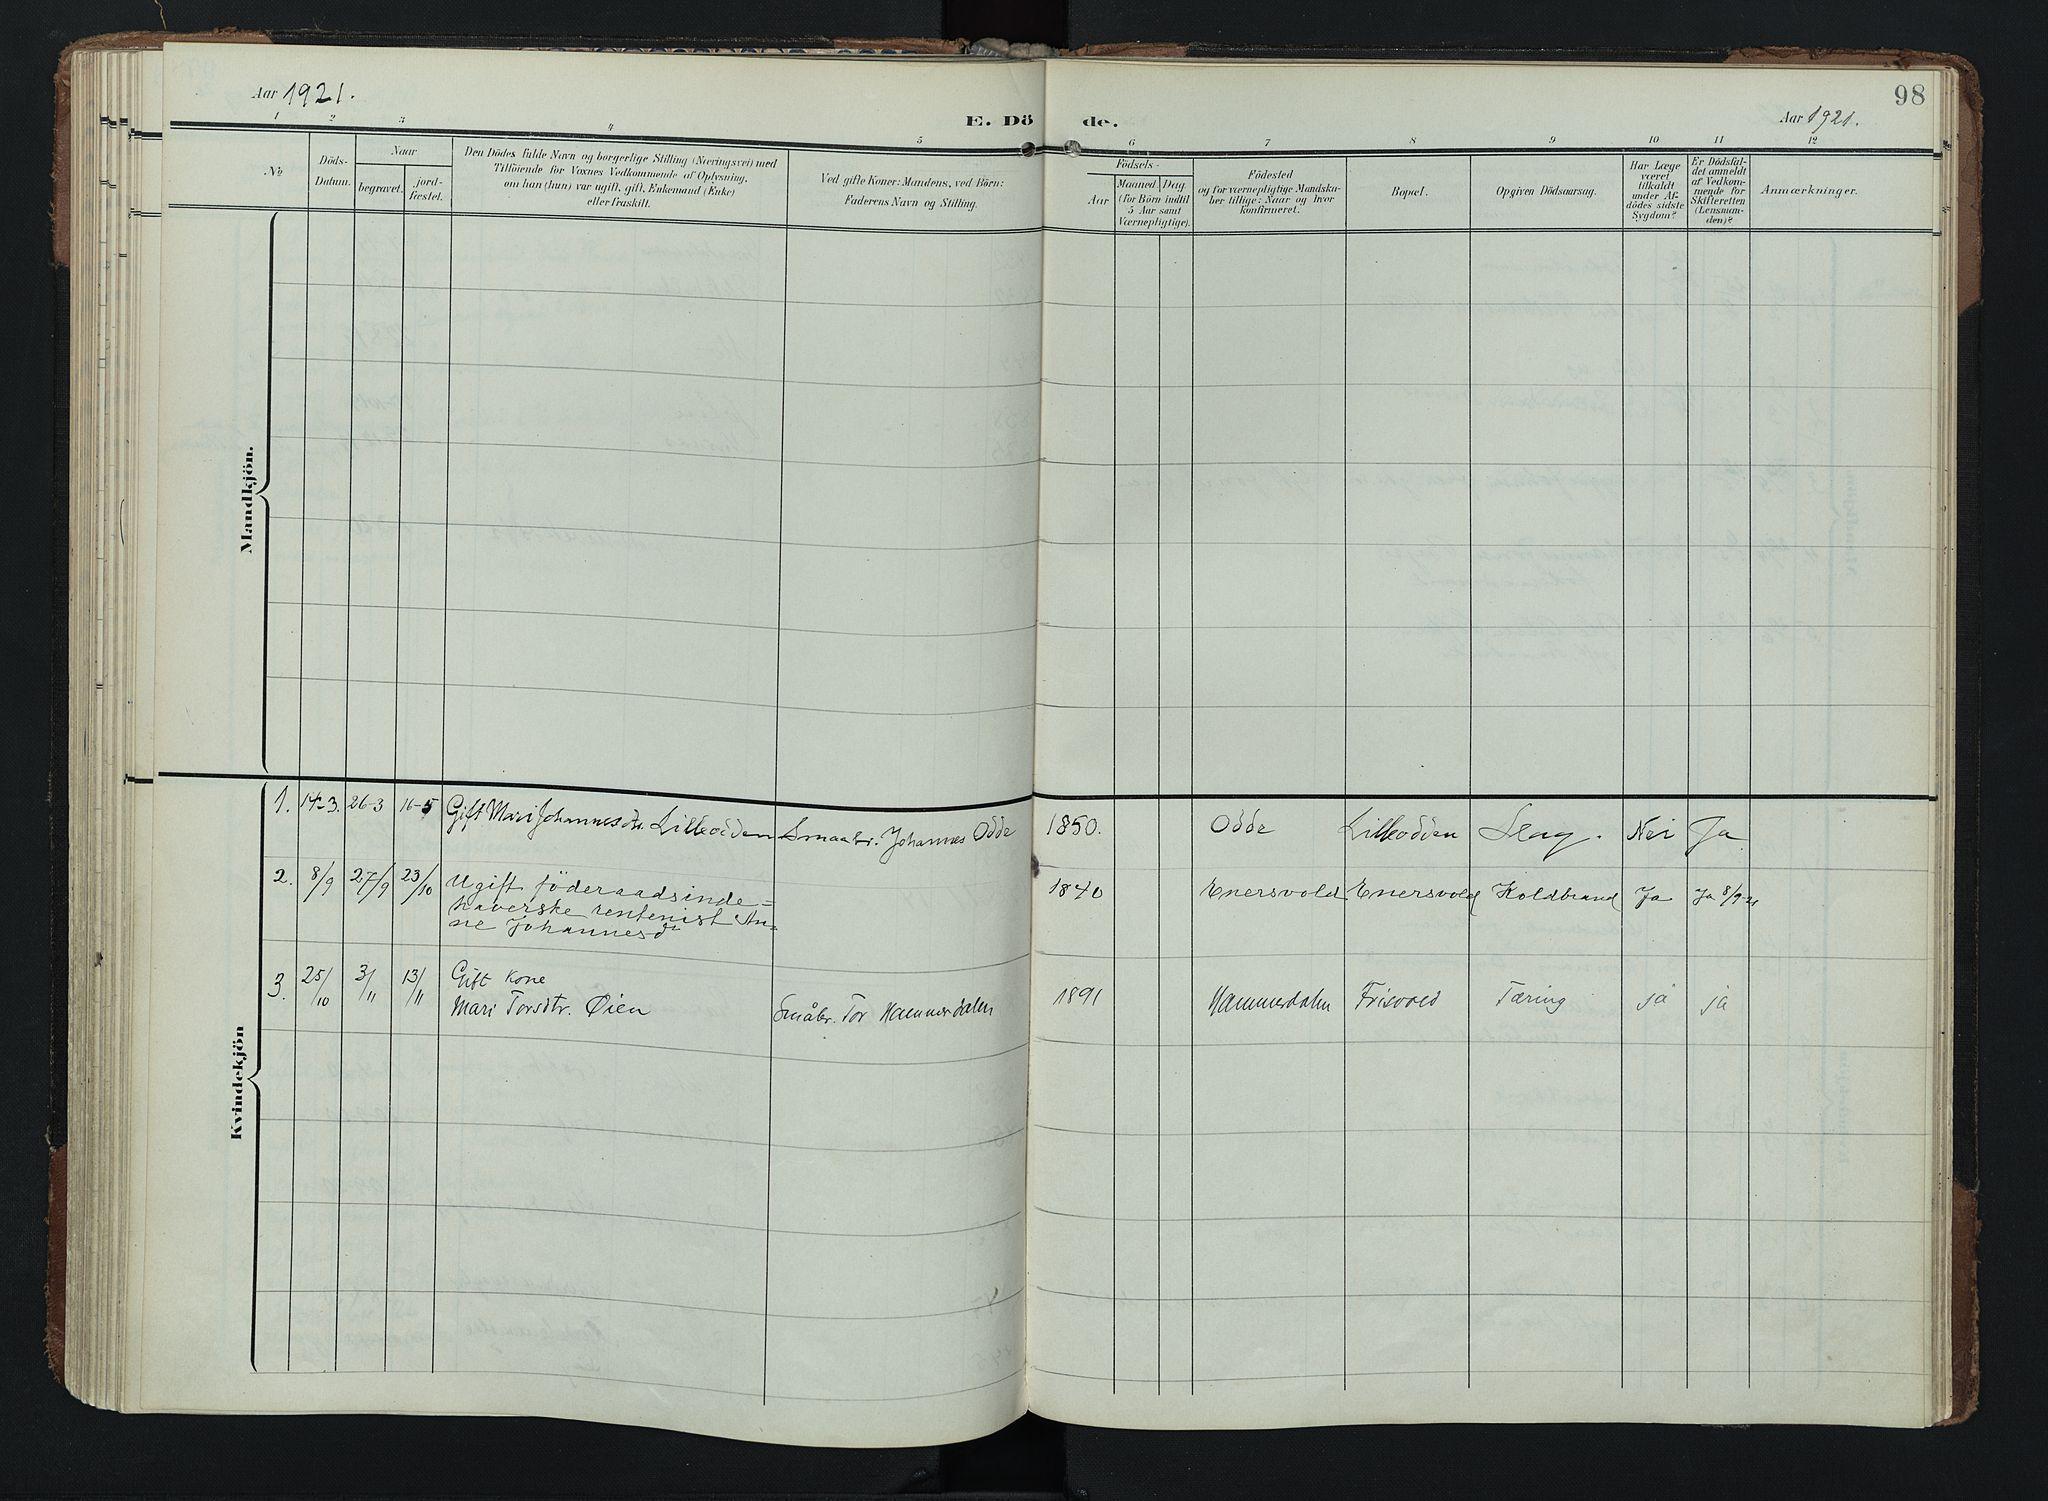 SAH, Lom prestekontor, K/L0011: Ministerialbok nr. 11, 1904-1928, s. 98